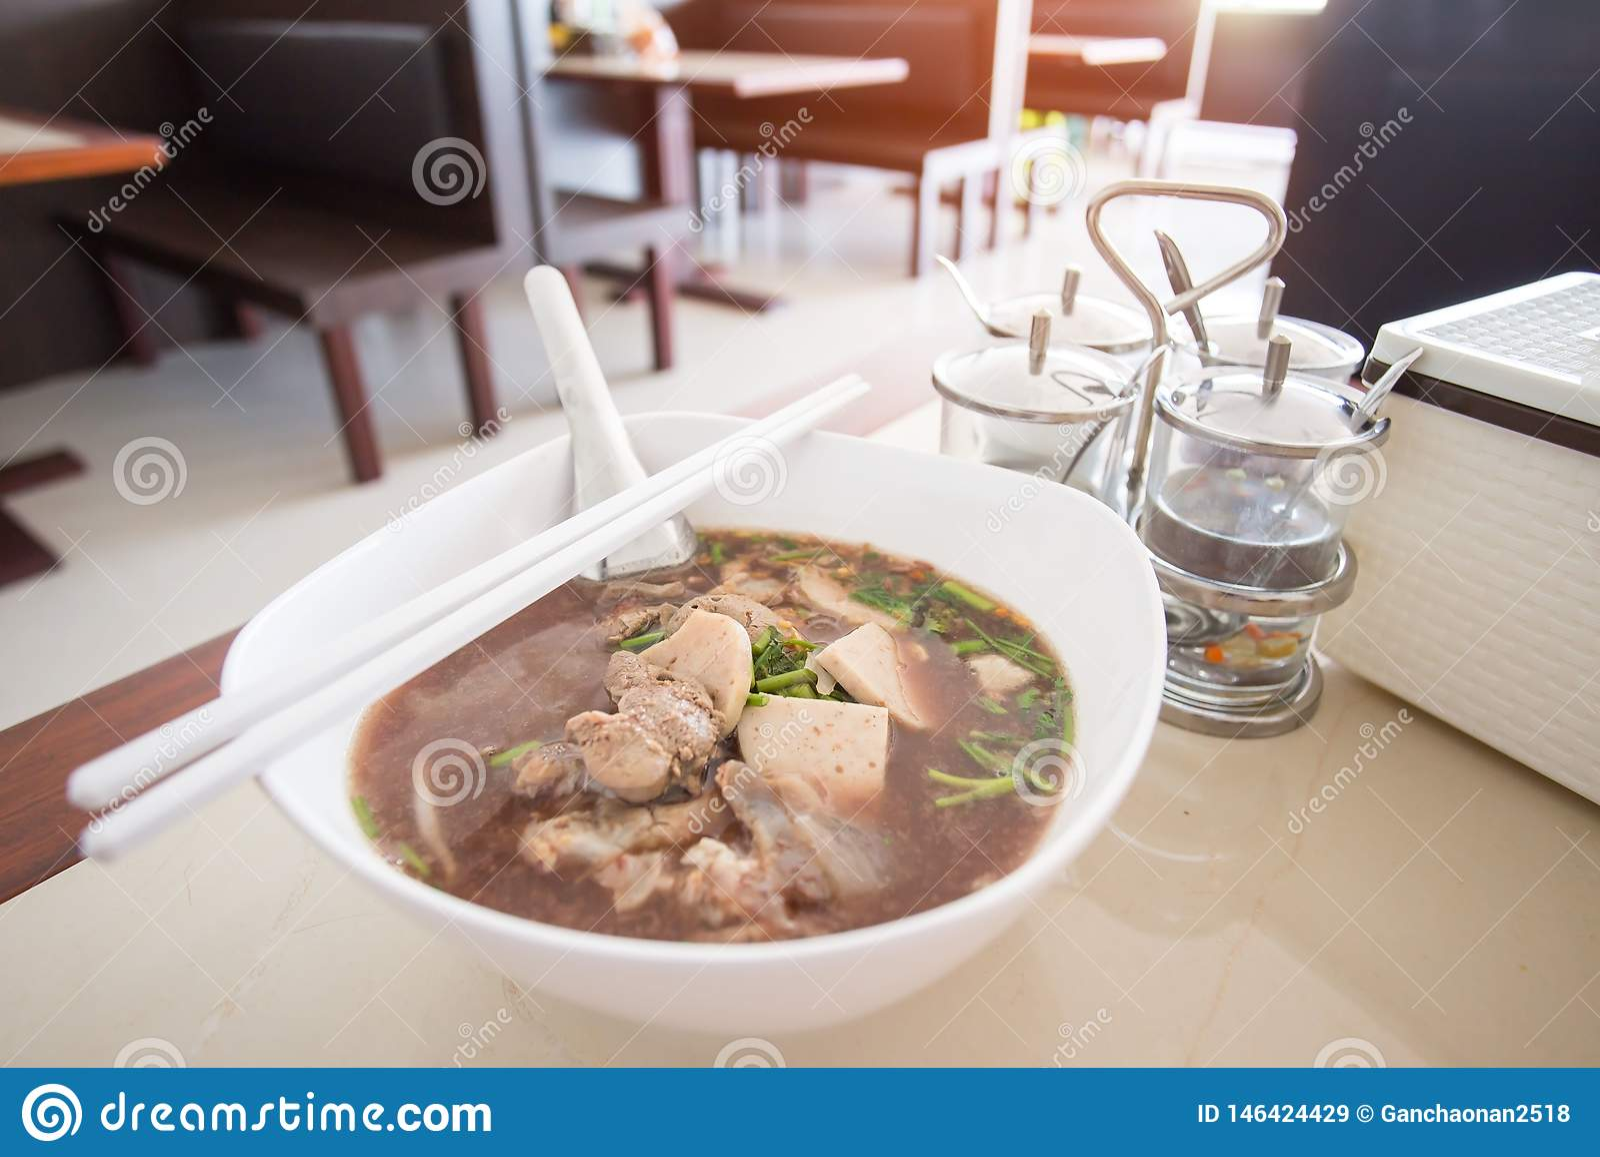 De Noedel van de Ayutthayaboot: De varkensvleesnoedels met het bloed van het varken worden gemengd lossen in soep die op